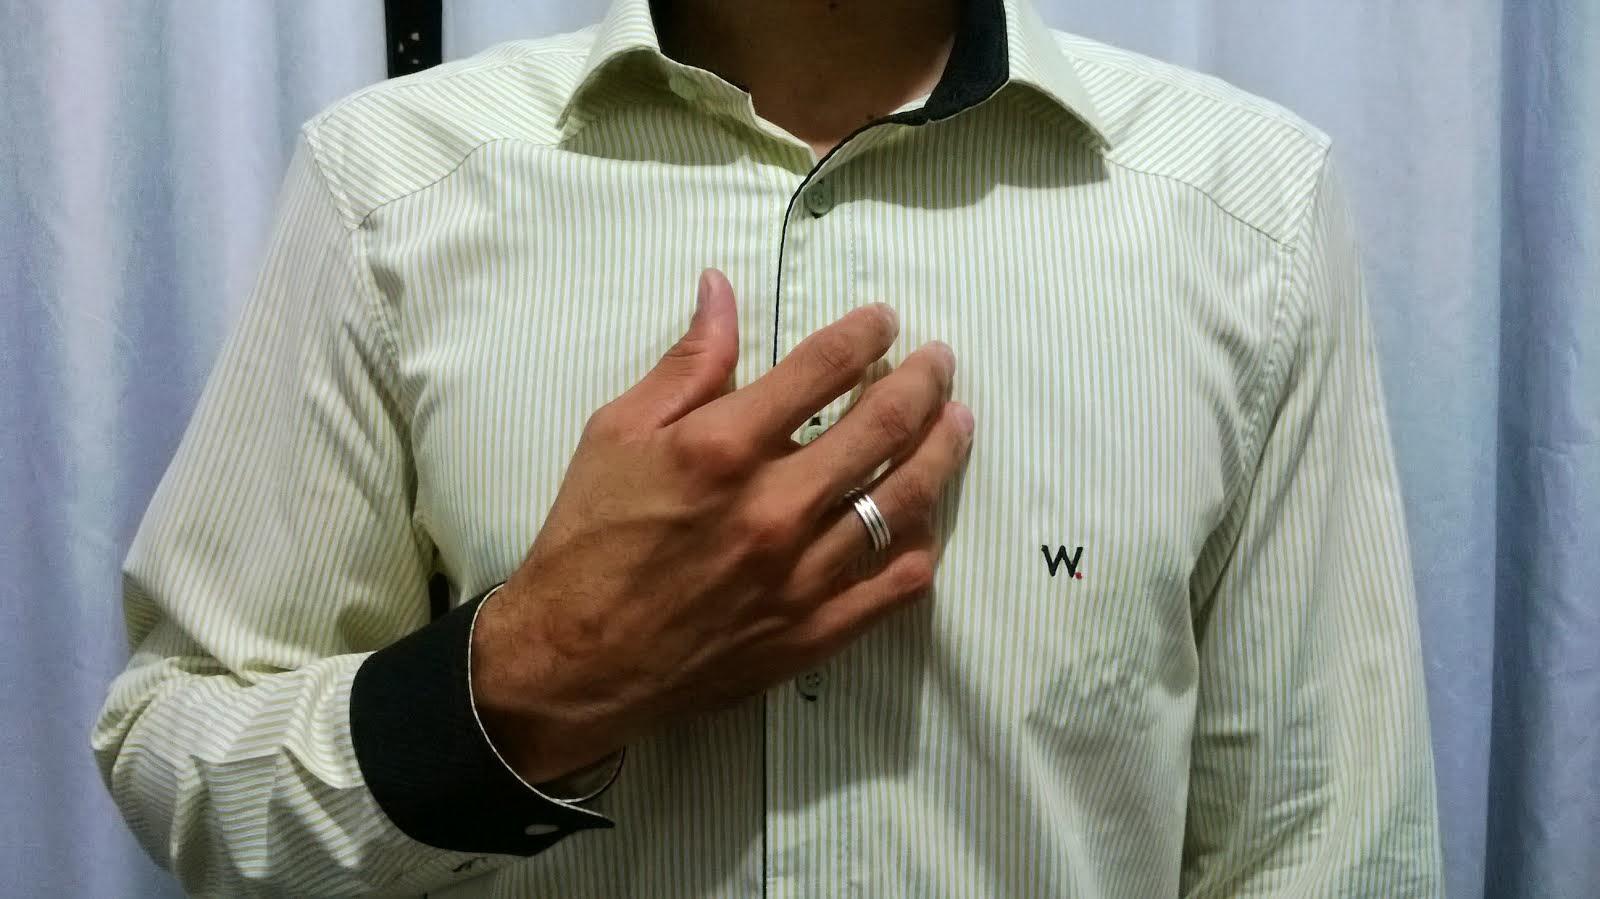 W.Santos REF.201302701 MASC. CLÁSSICO (M/Nº.2) R$ 139,90 (Á VISTA 5% OU 3X NO CARTÃO)